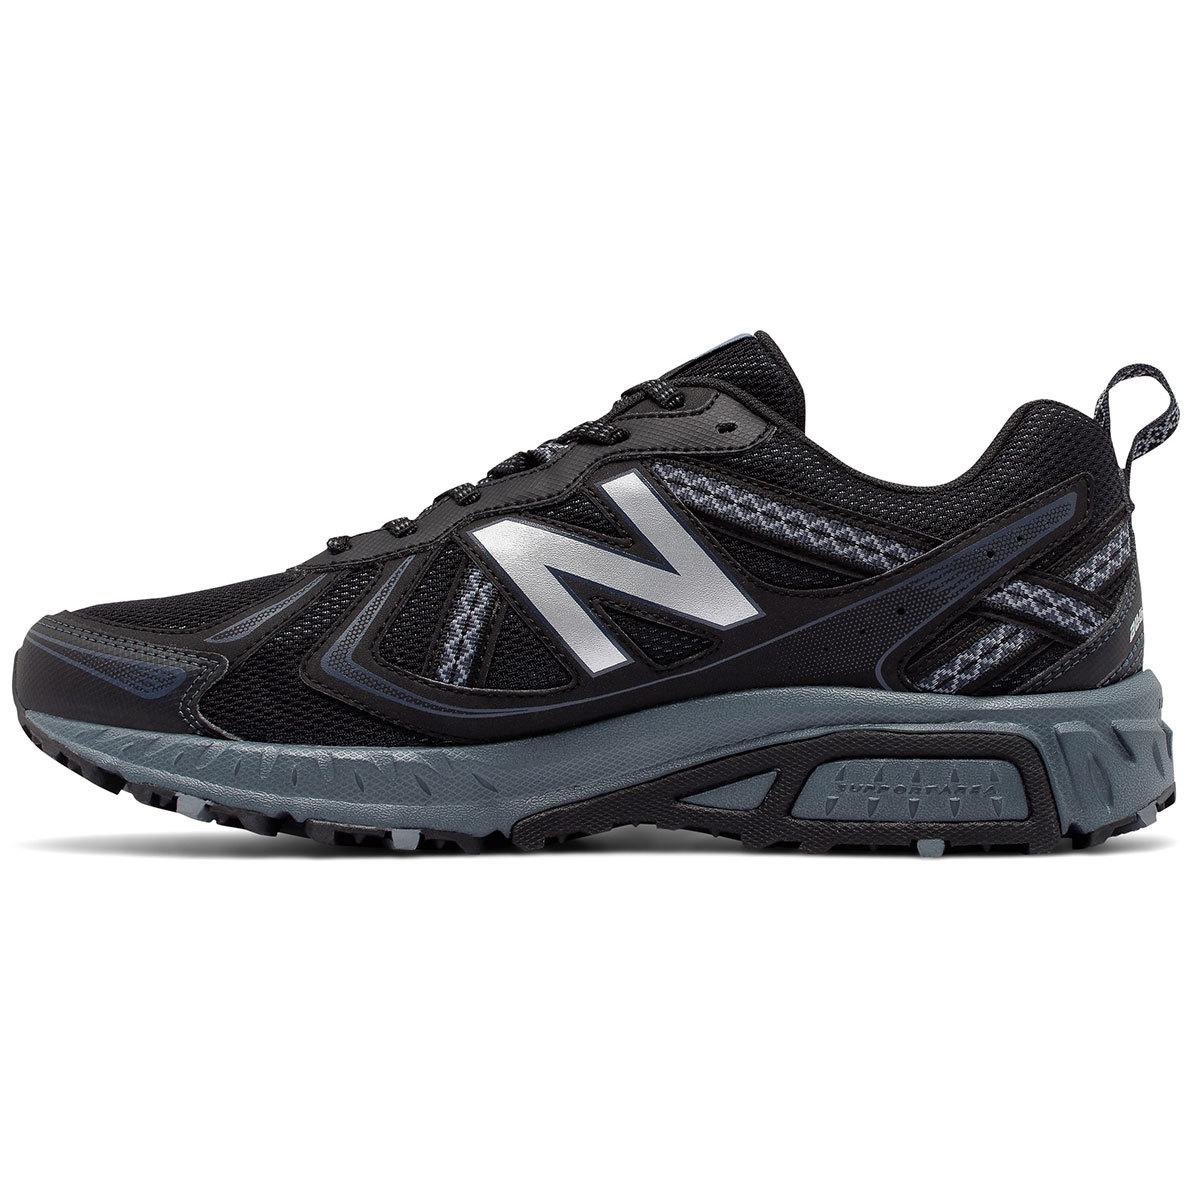 NEW BALANCE Men's 410v5 Trail Running